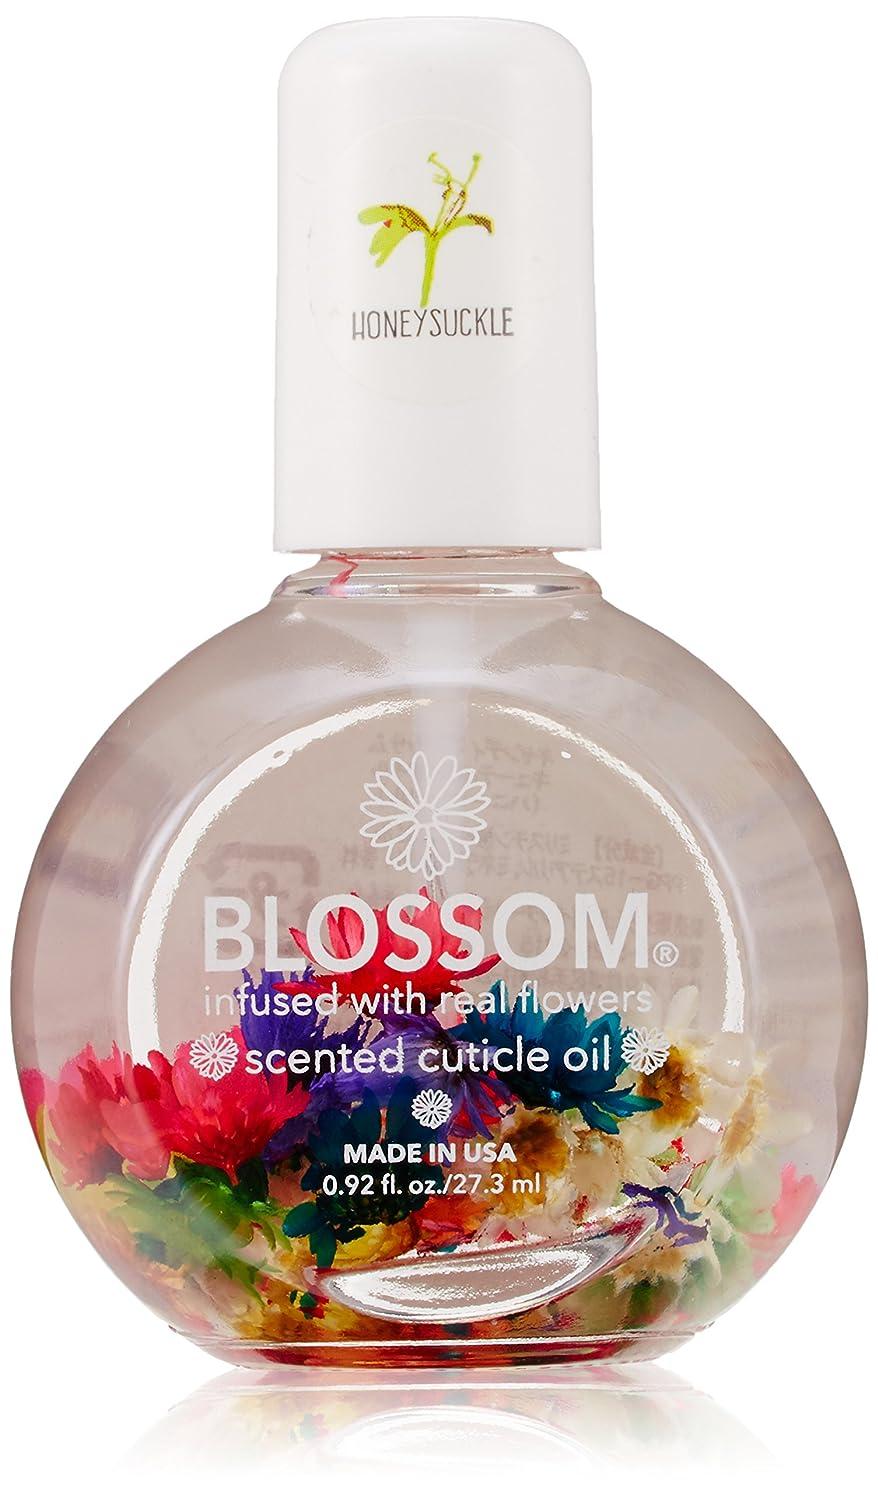 細部くるくる爆発するBlossom ネイルオイル フラワー 1OZ ハニーサックル WBLCO122-1